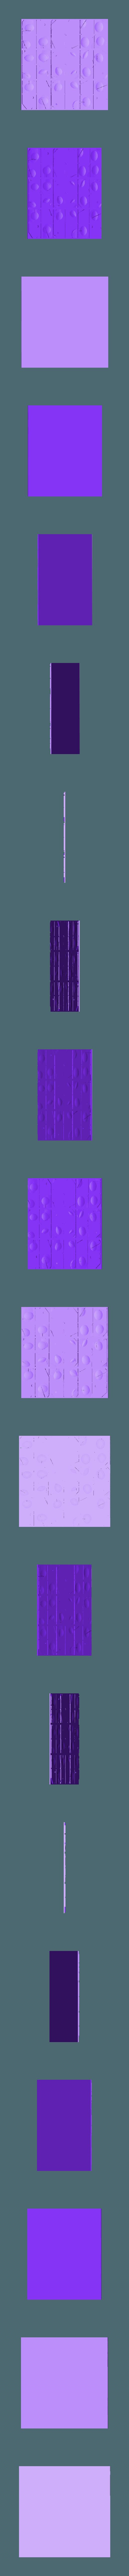 3X3_minimal_stone_floor.stl Download free STL file Minimalist Flooring • 3D printer template, mrhers2